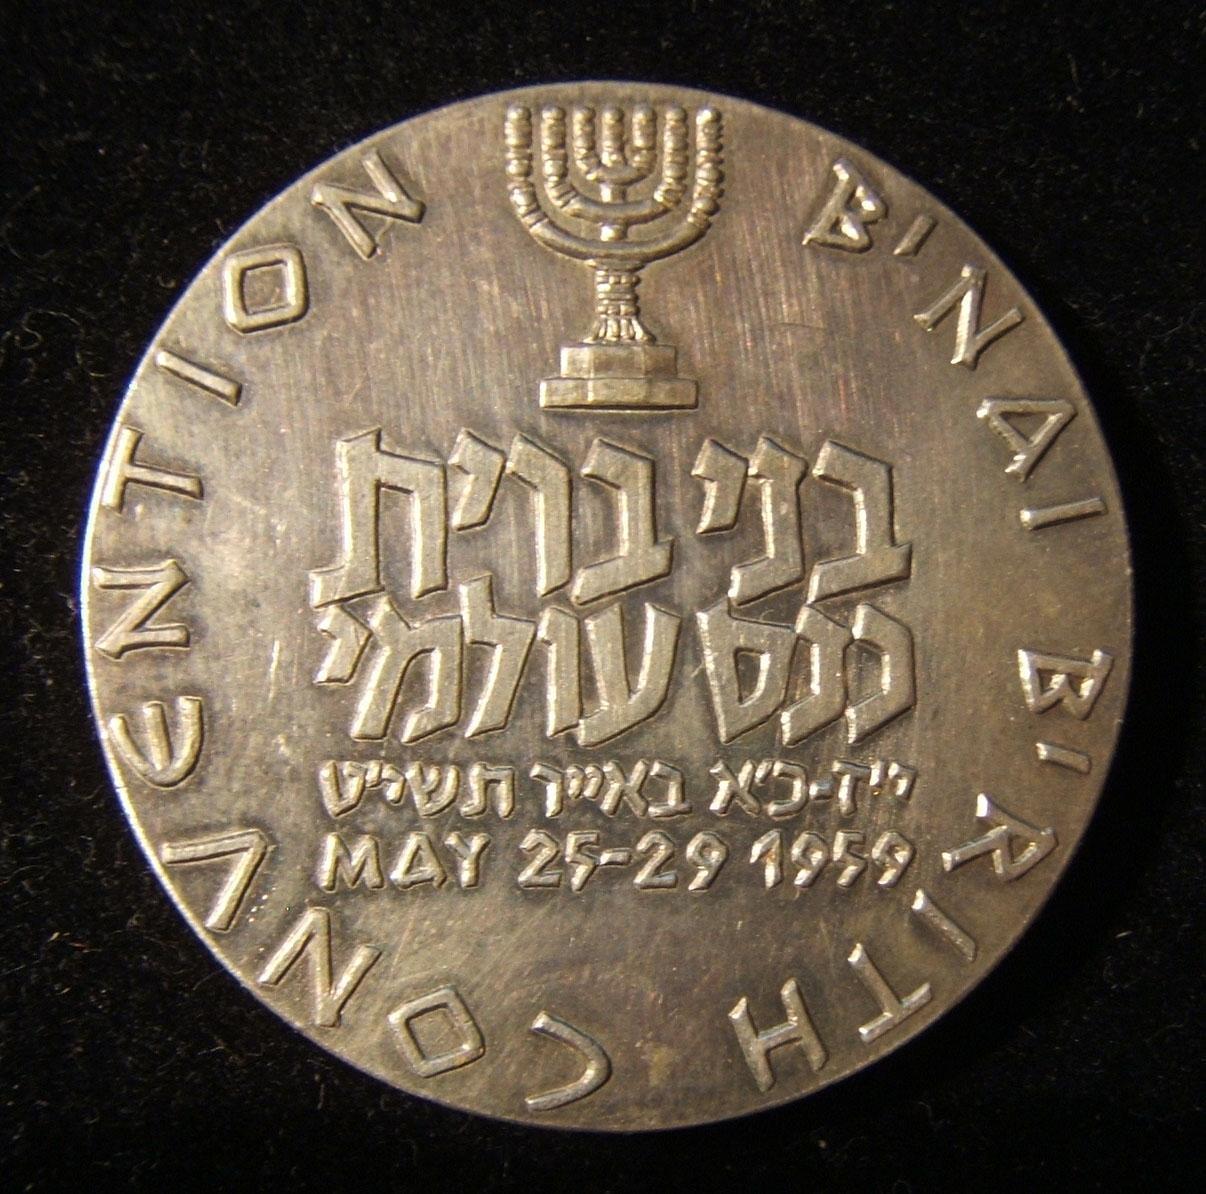 יודאיקה ישראלית 1959 ברית בני ברית מדליה בכסף 1961 של צבי נרקיס